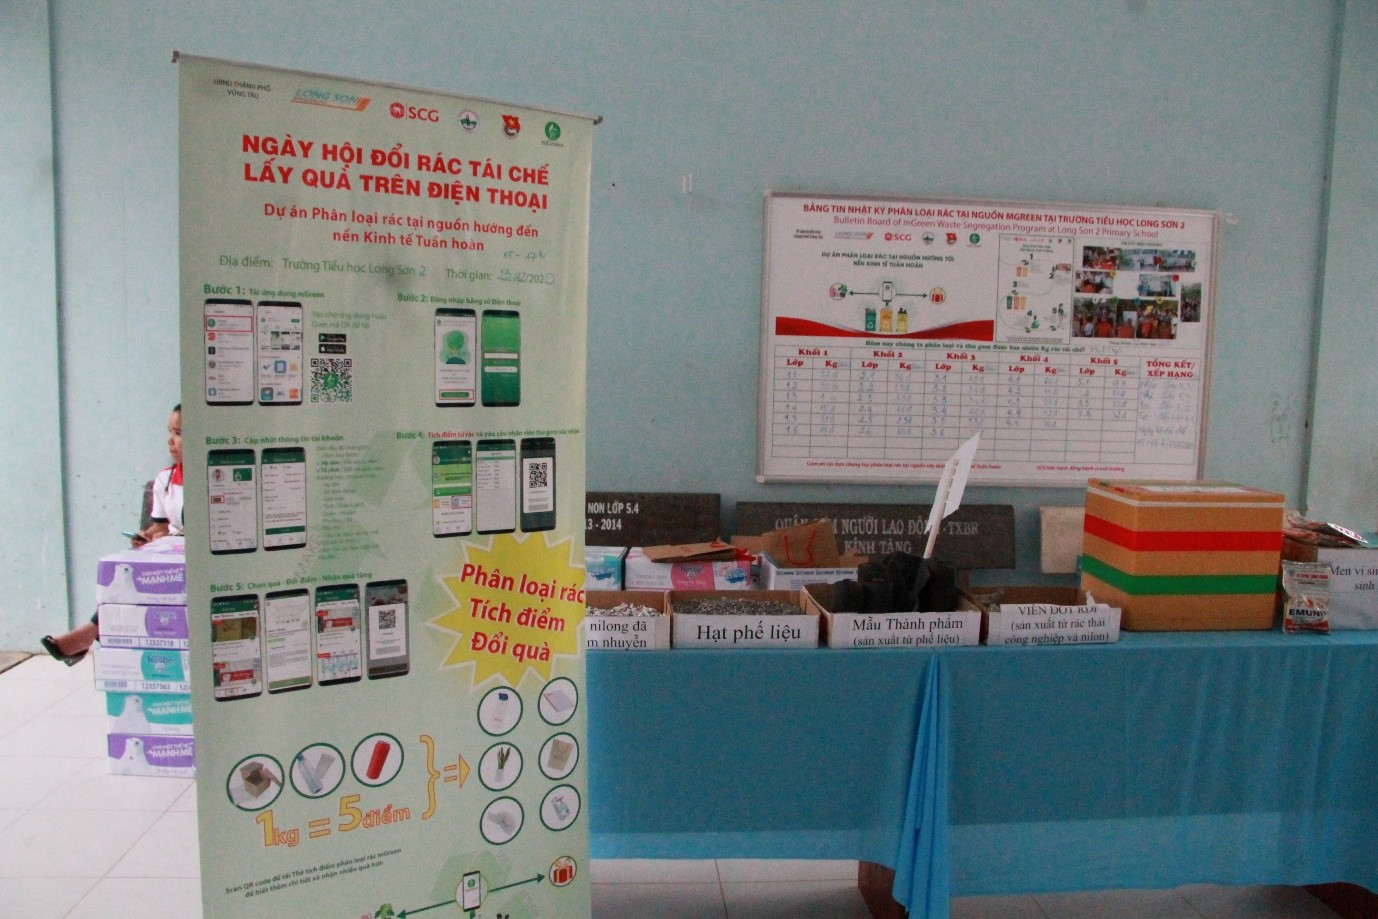 Ảnh 5: Ảnh trưng bày mô hình tái chế và nền kinh tế tuần hoàn có ảnh bảng tin mGreen phía sau